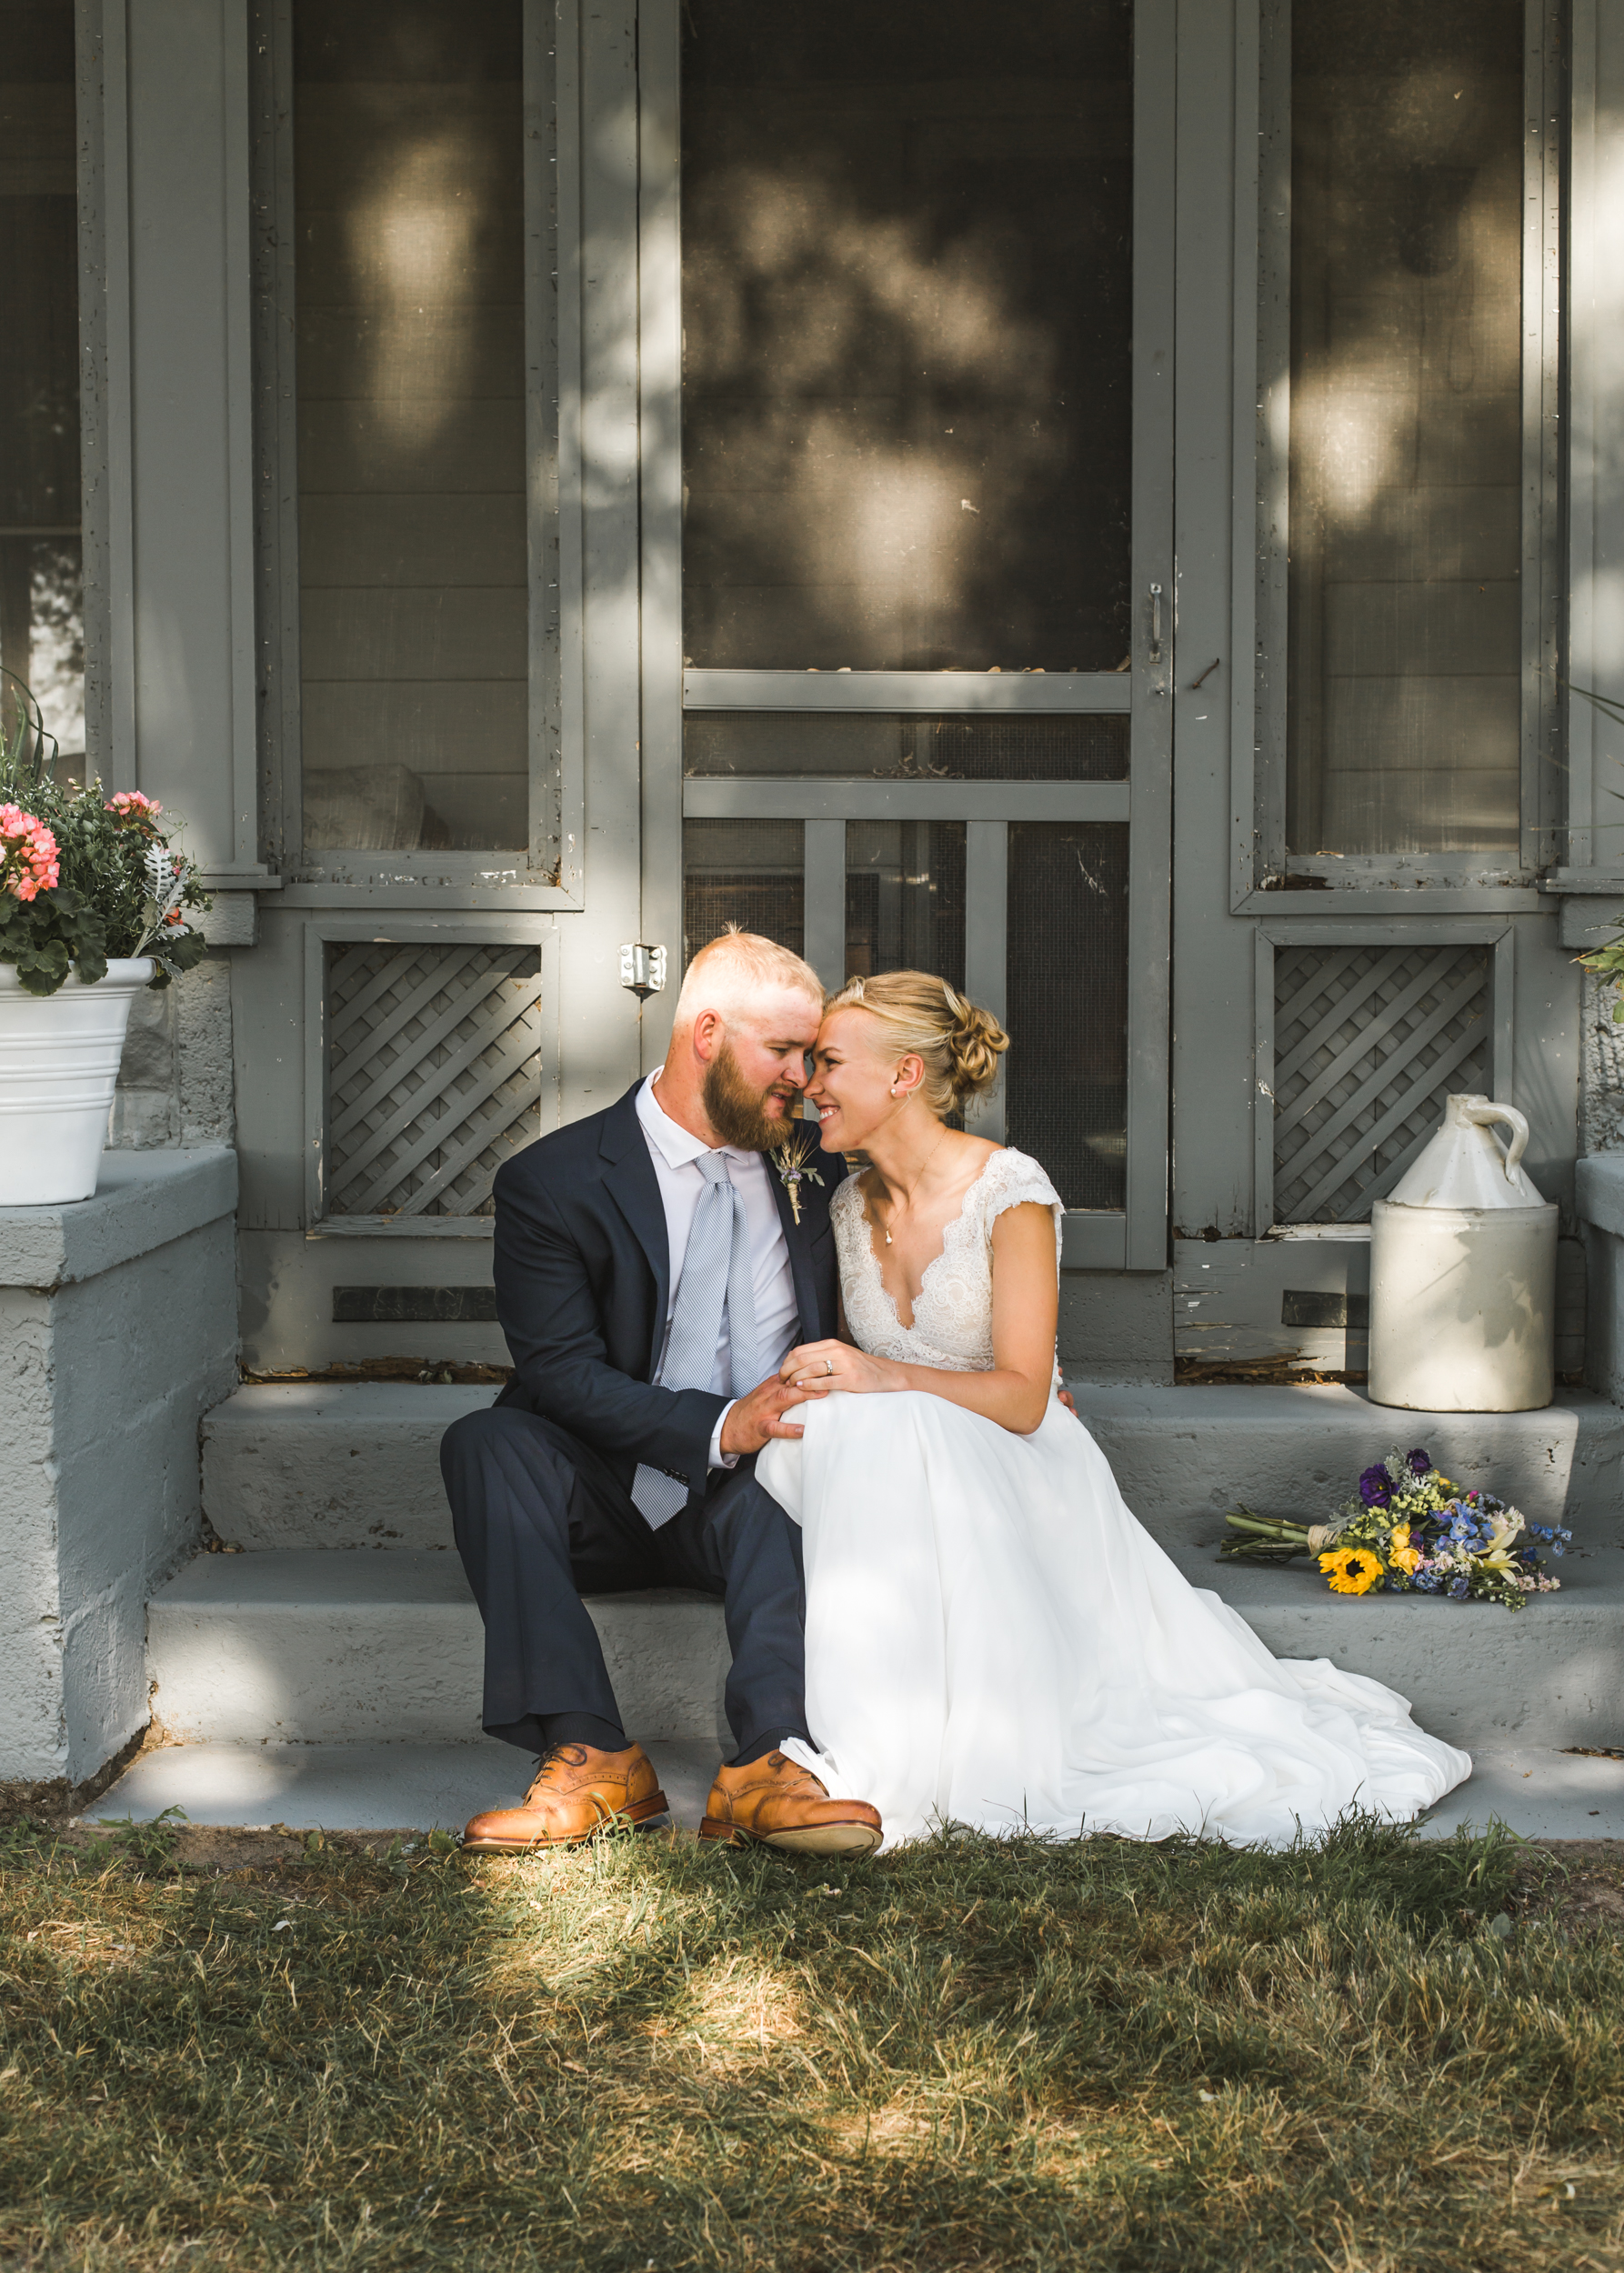 Powder blue wedding, Blue and gold wedding, Backyard Michigan Wedding, Michigan Wedding, Southeast Michigan Wedding, Michigan Wedding Photographer, Rustic Wedding, Simple Wedding